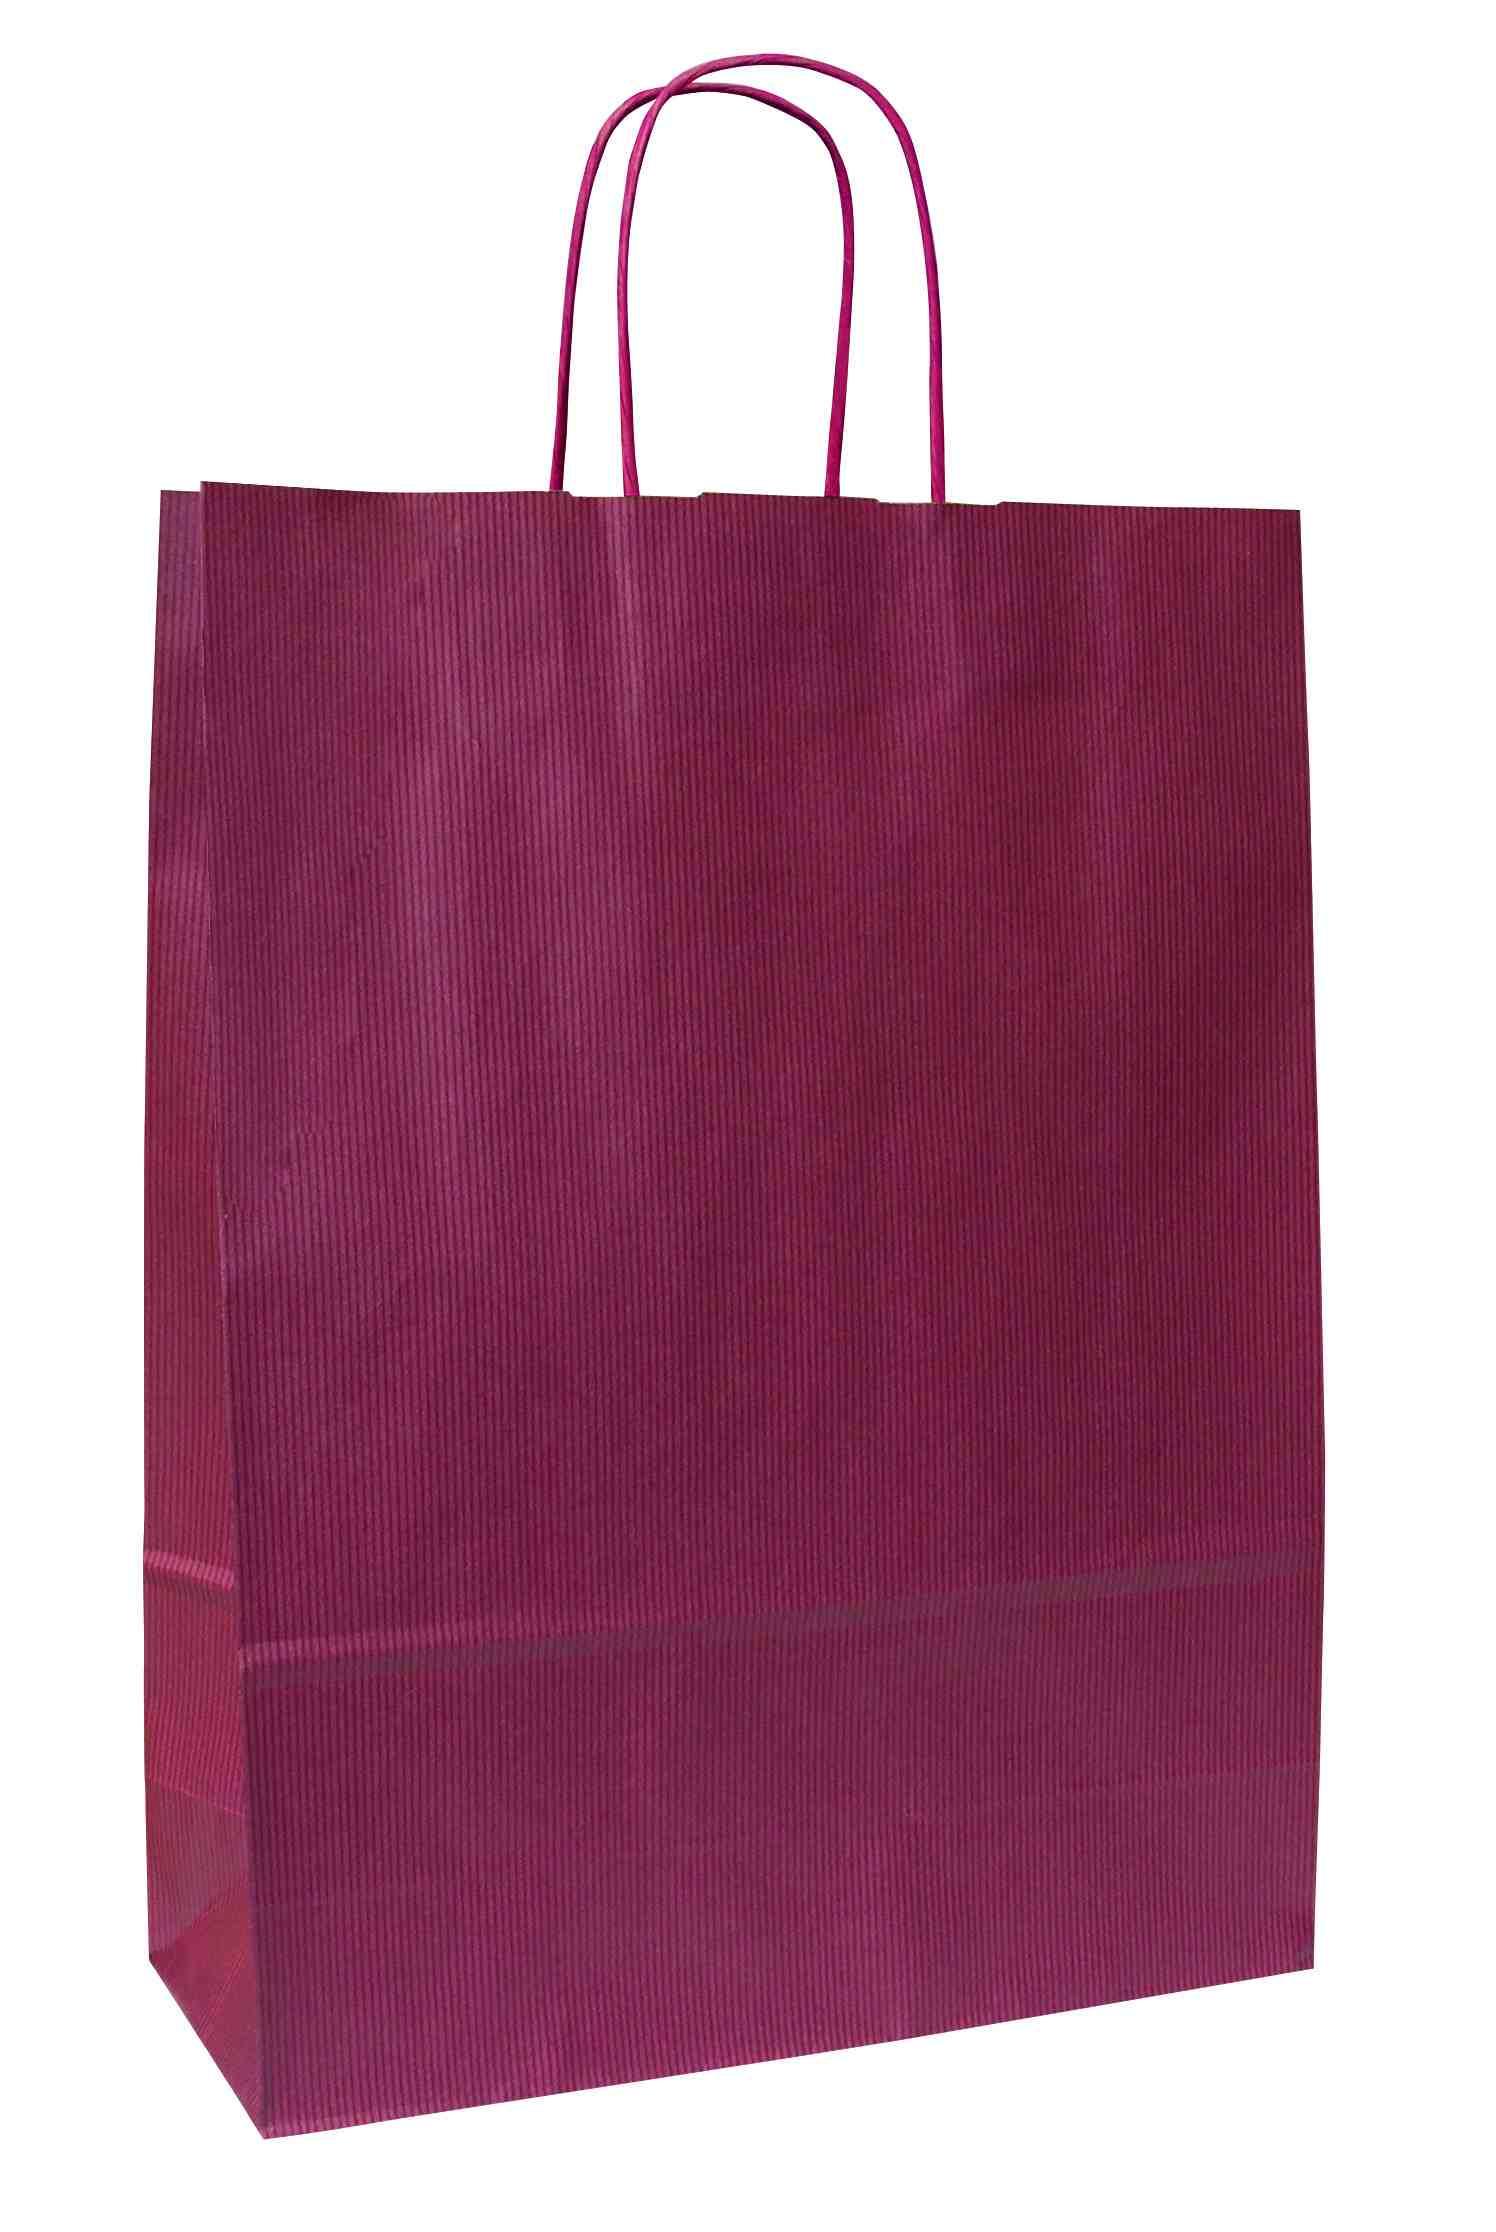 Papírové tašky o rozměru<br> 230 x 100 x 320mm,vínové, kr. pap. držadlo.